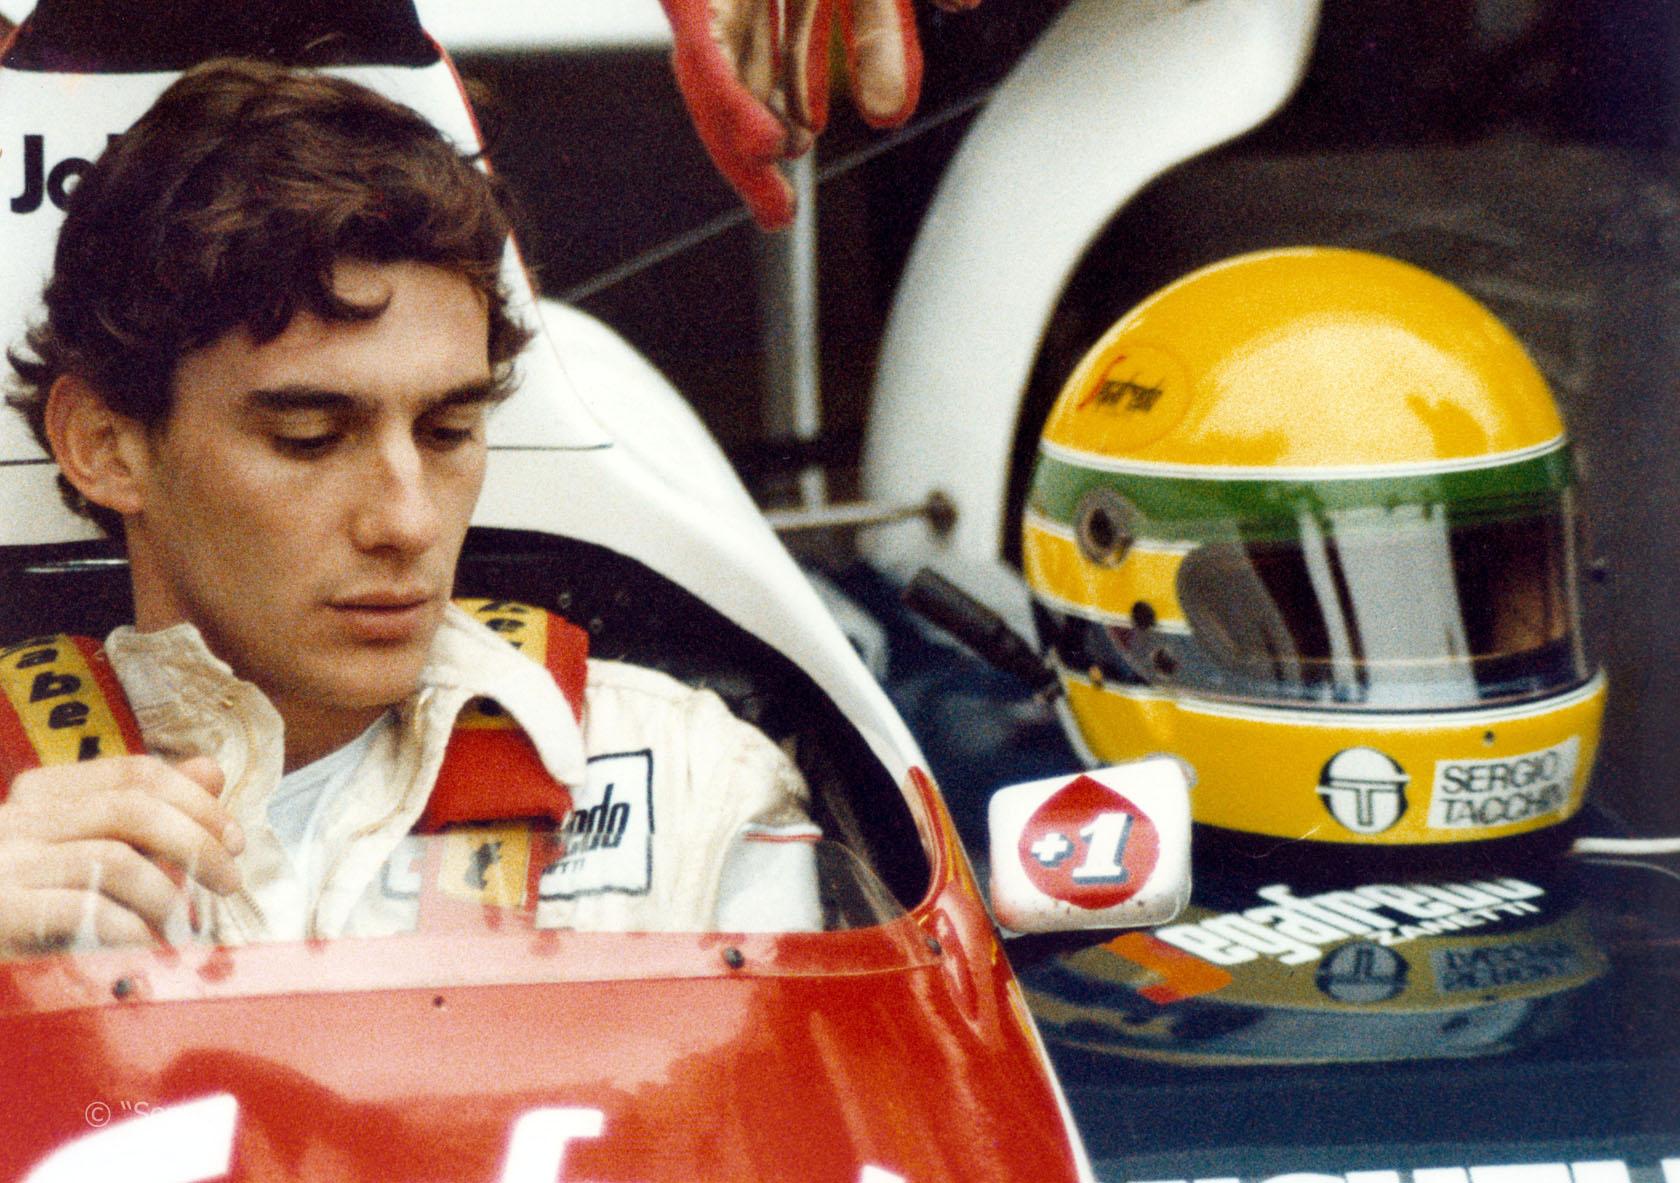 Idokapszula_nb1_1983-84_19_fordulo_Senna_Toleman.jpg